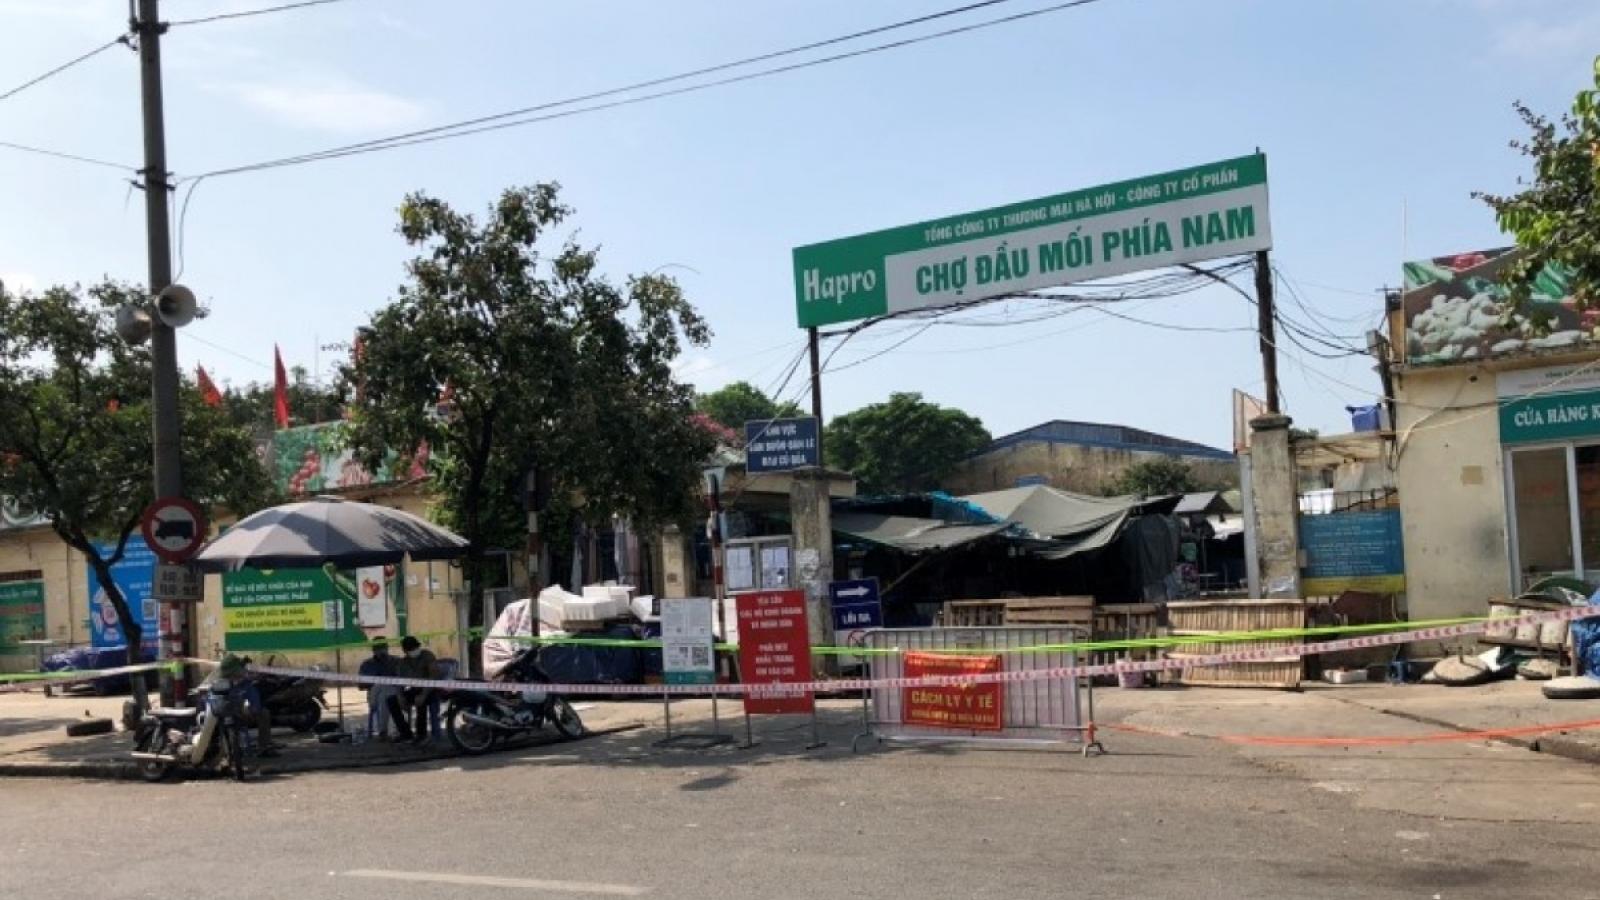 Hà Nội sắp mở cửa trở lại chợ đầu mối phía Nam